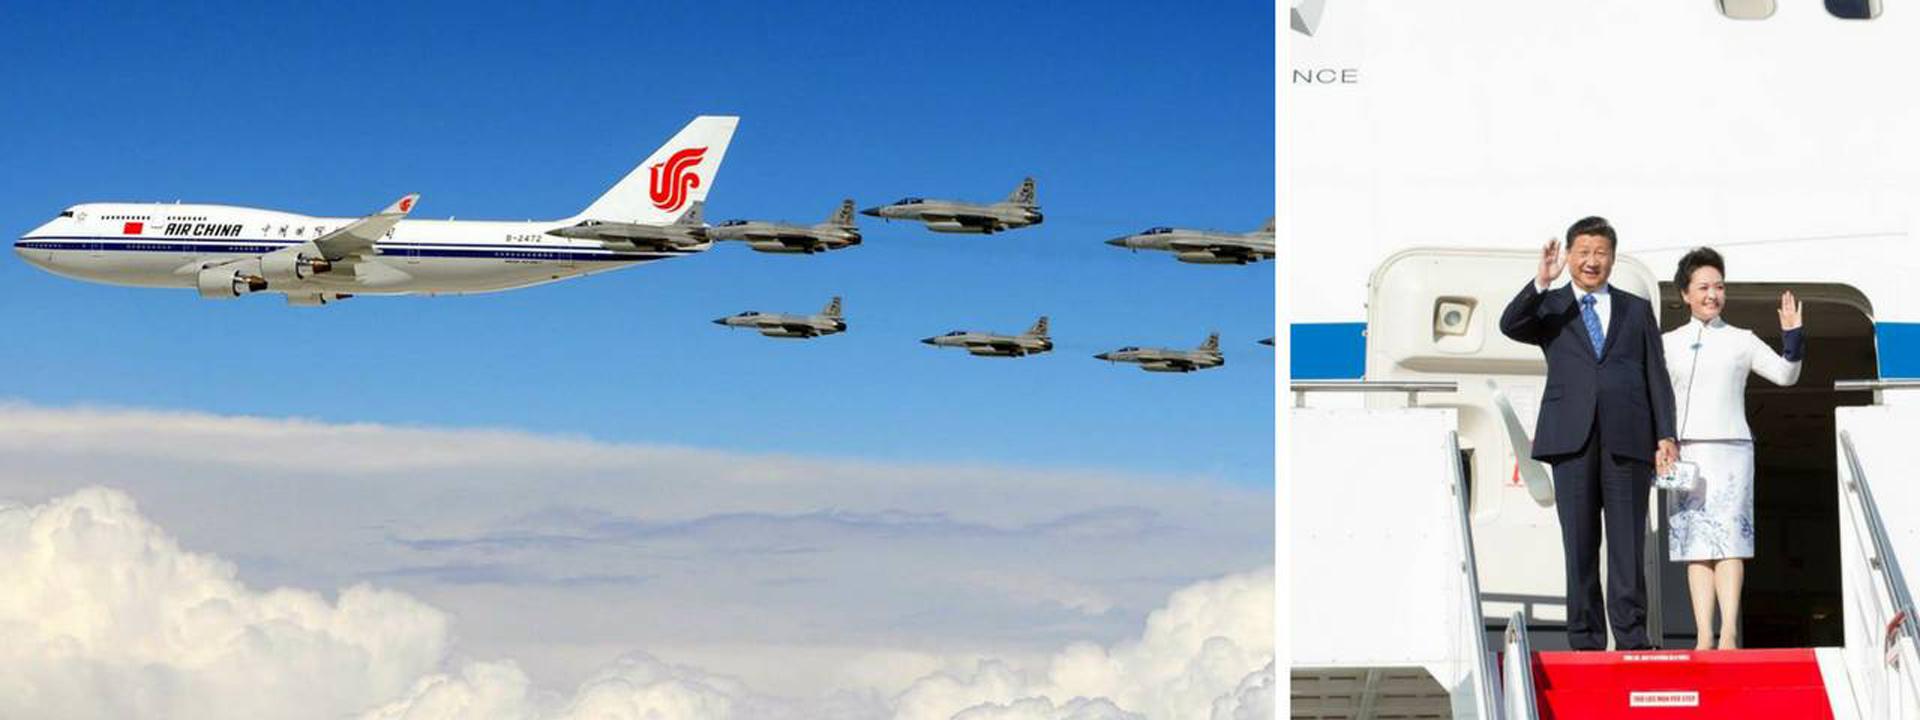 El presidente chino utiliza un Boeing 747 de la aerolínea estatal Air China cuando lo necesita